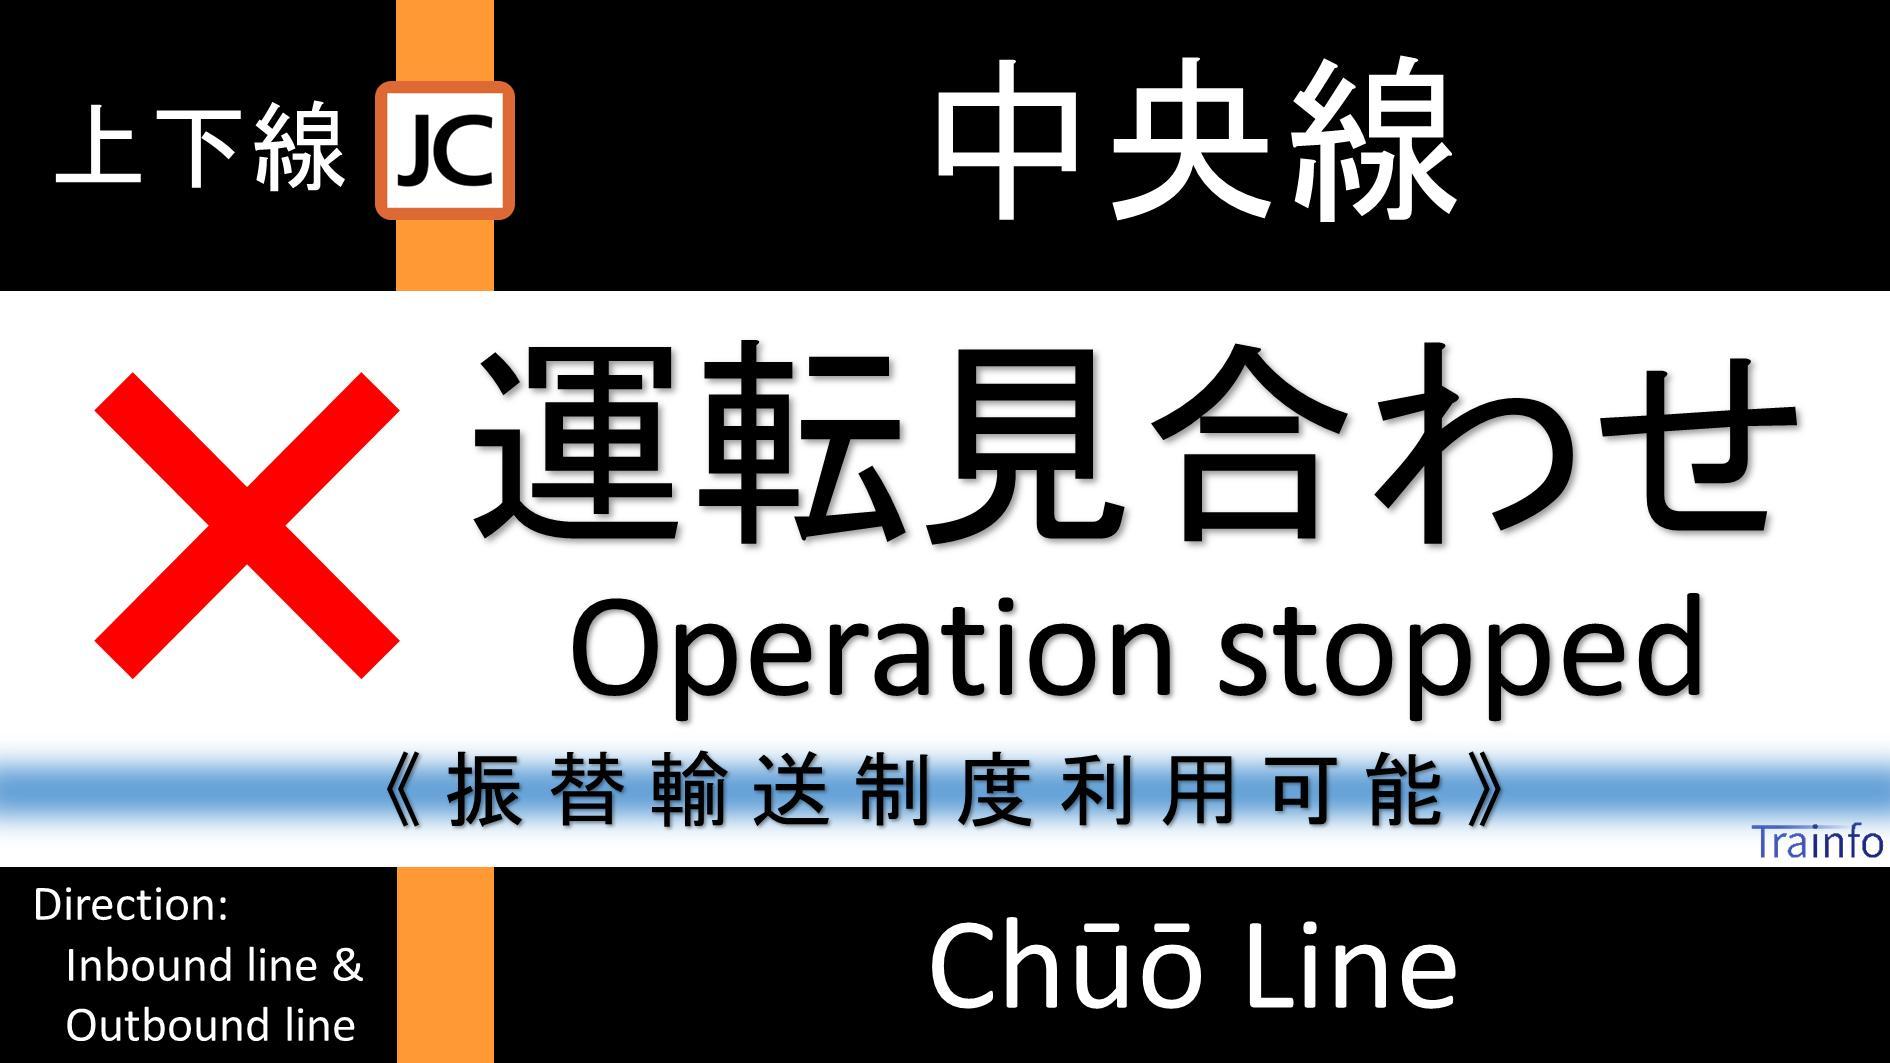 画像,【中央線(東京~高尾) 上下線 運転見合わせ】中央線快速電車は、23:38頃、八王子~西八王子での人身事故の影響で、東京~高尾の上下線の一部列車で運転を見合わせ…